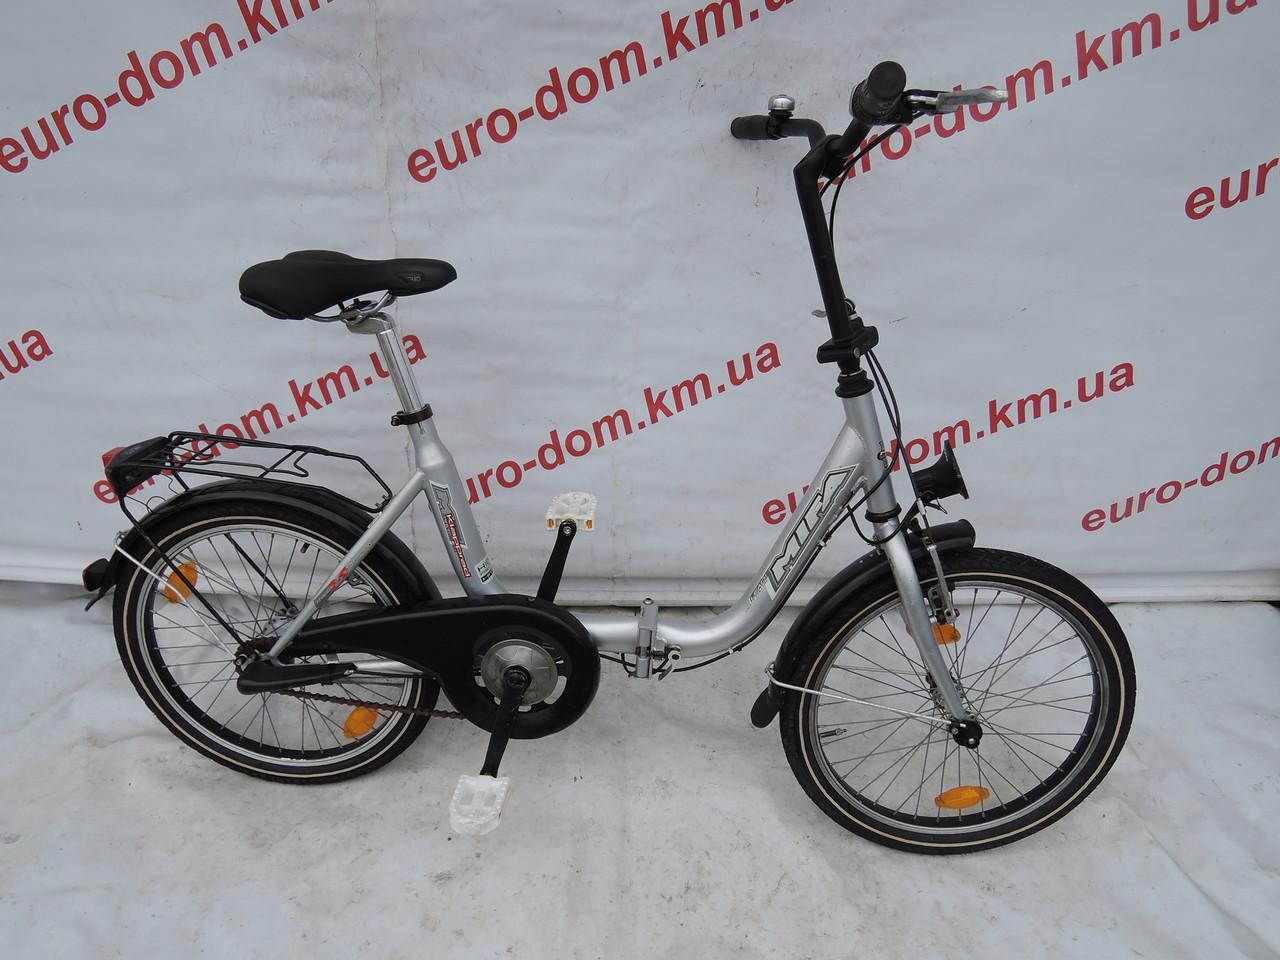 Городской велосипед Mifa 20 колеса 3 скорости на планитарке (Складной).